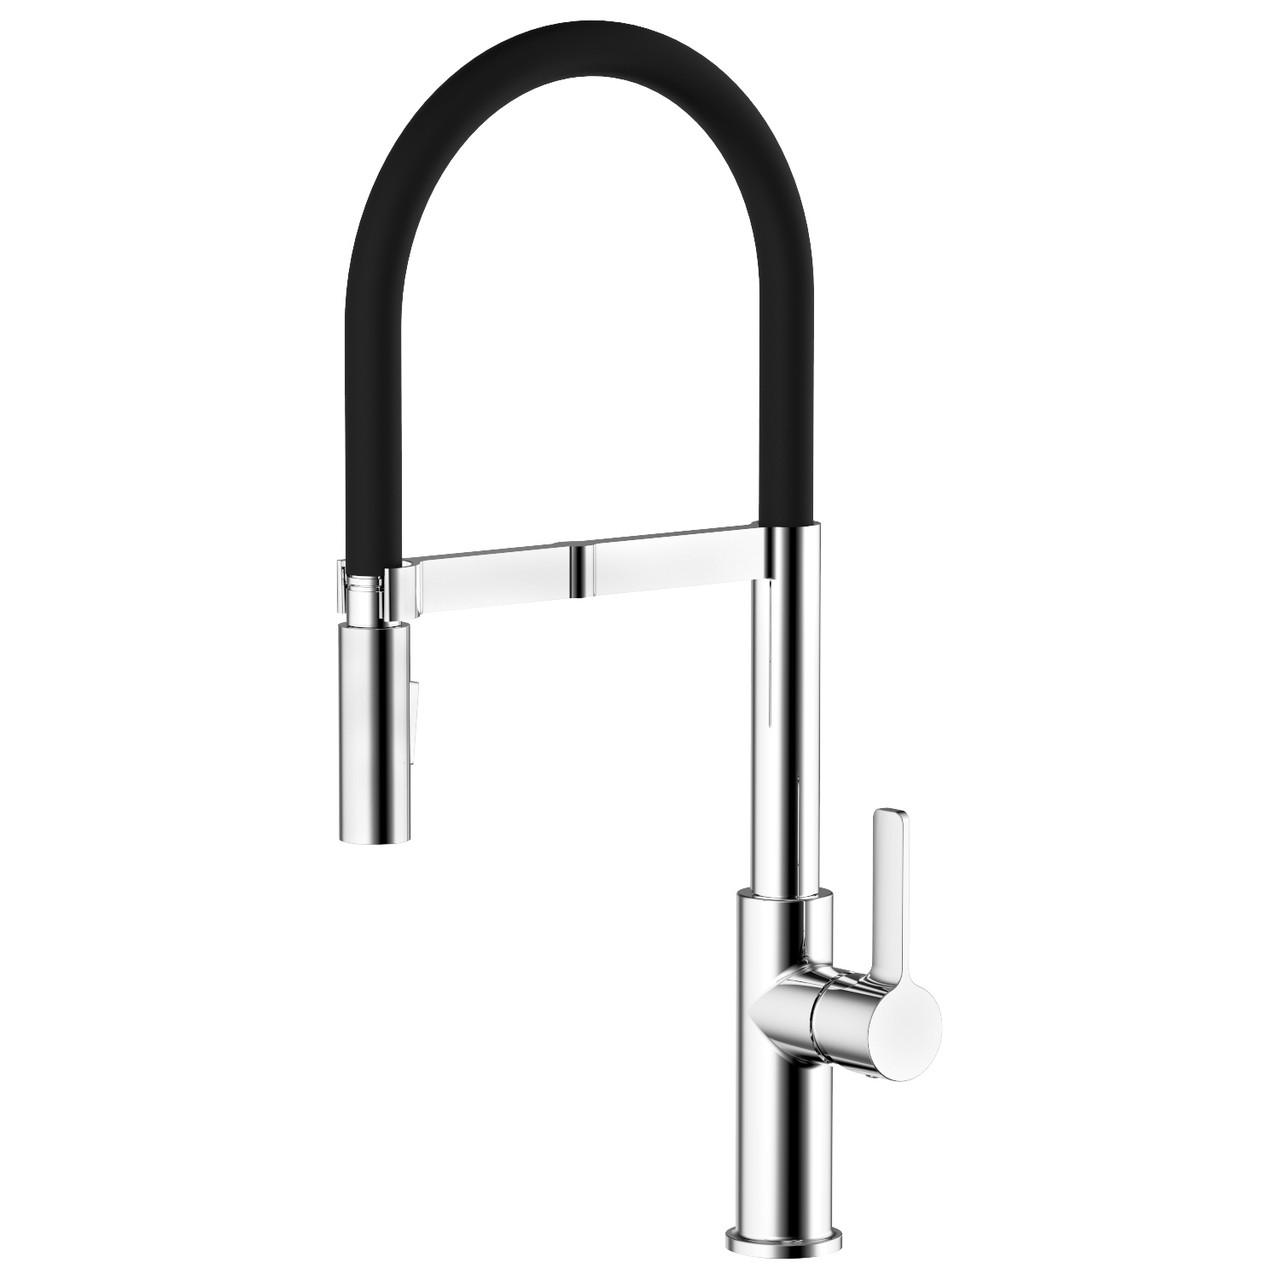 BOA смеситель для кухни с подключением питьевой воды, хром, 35 мм